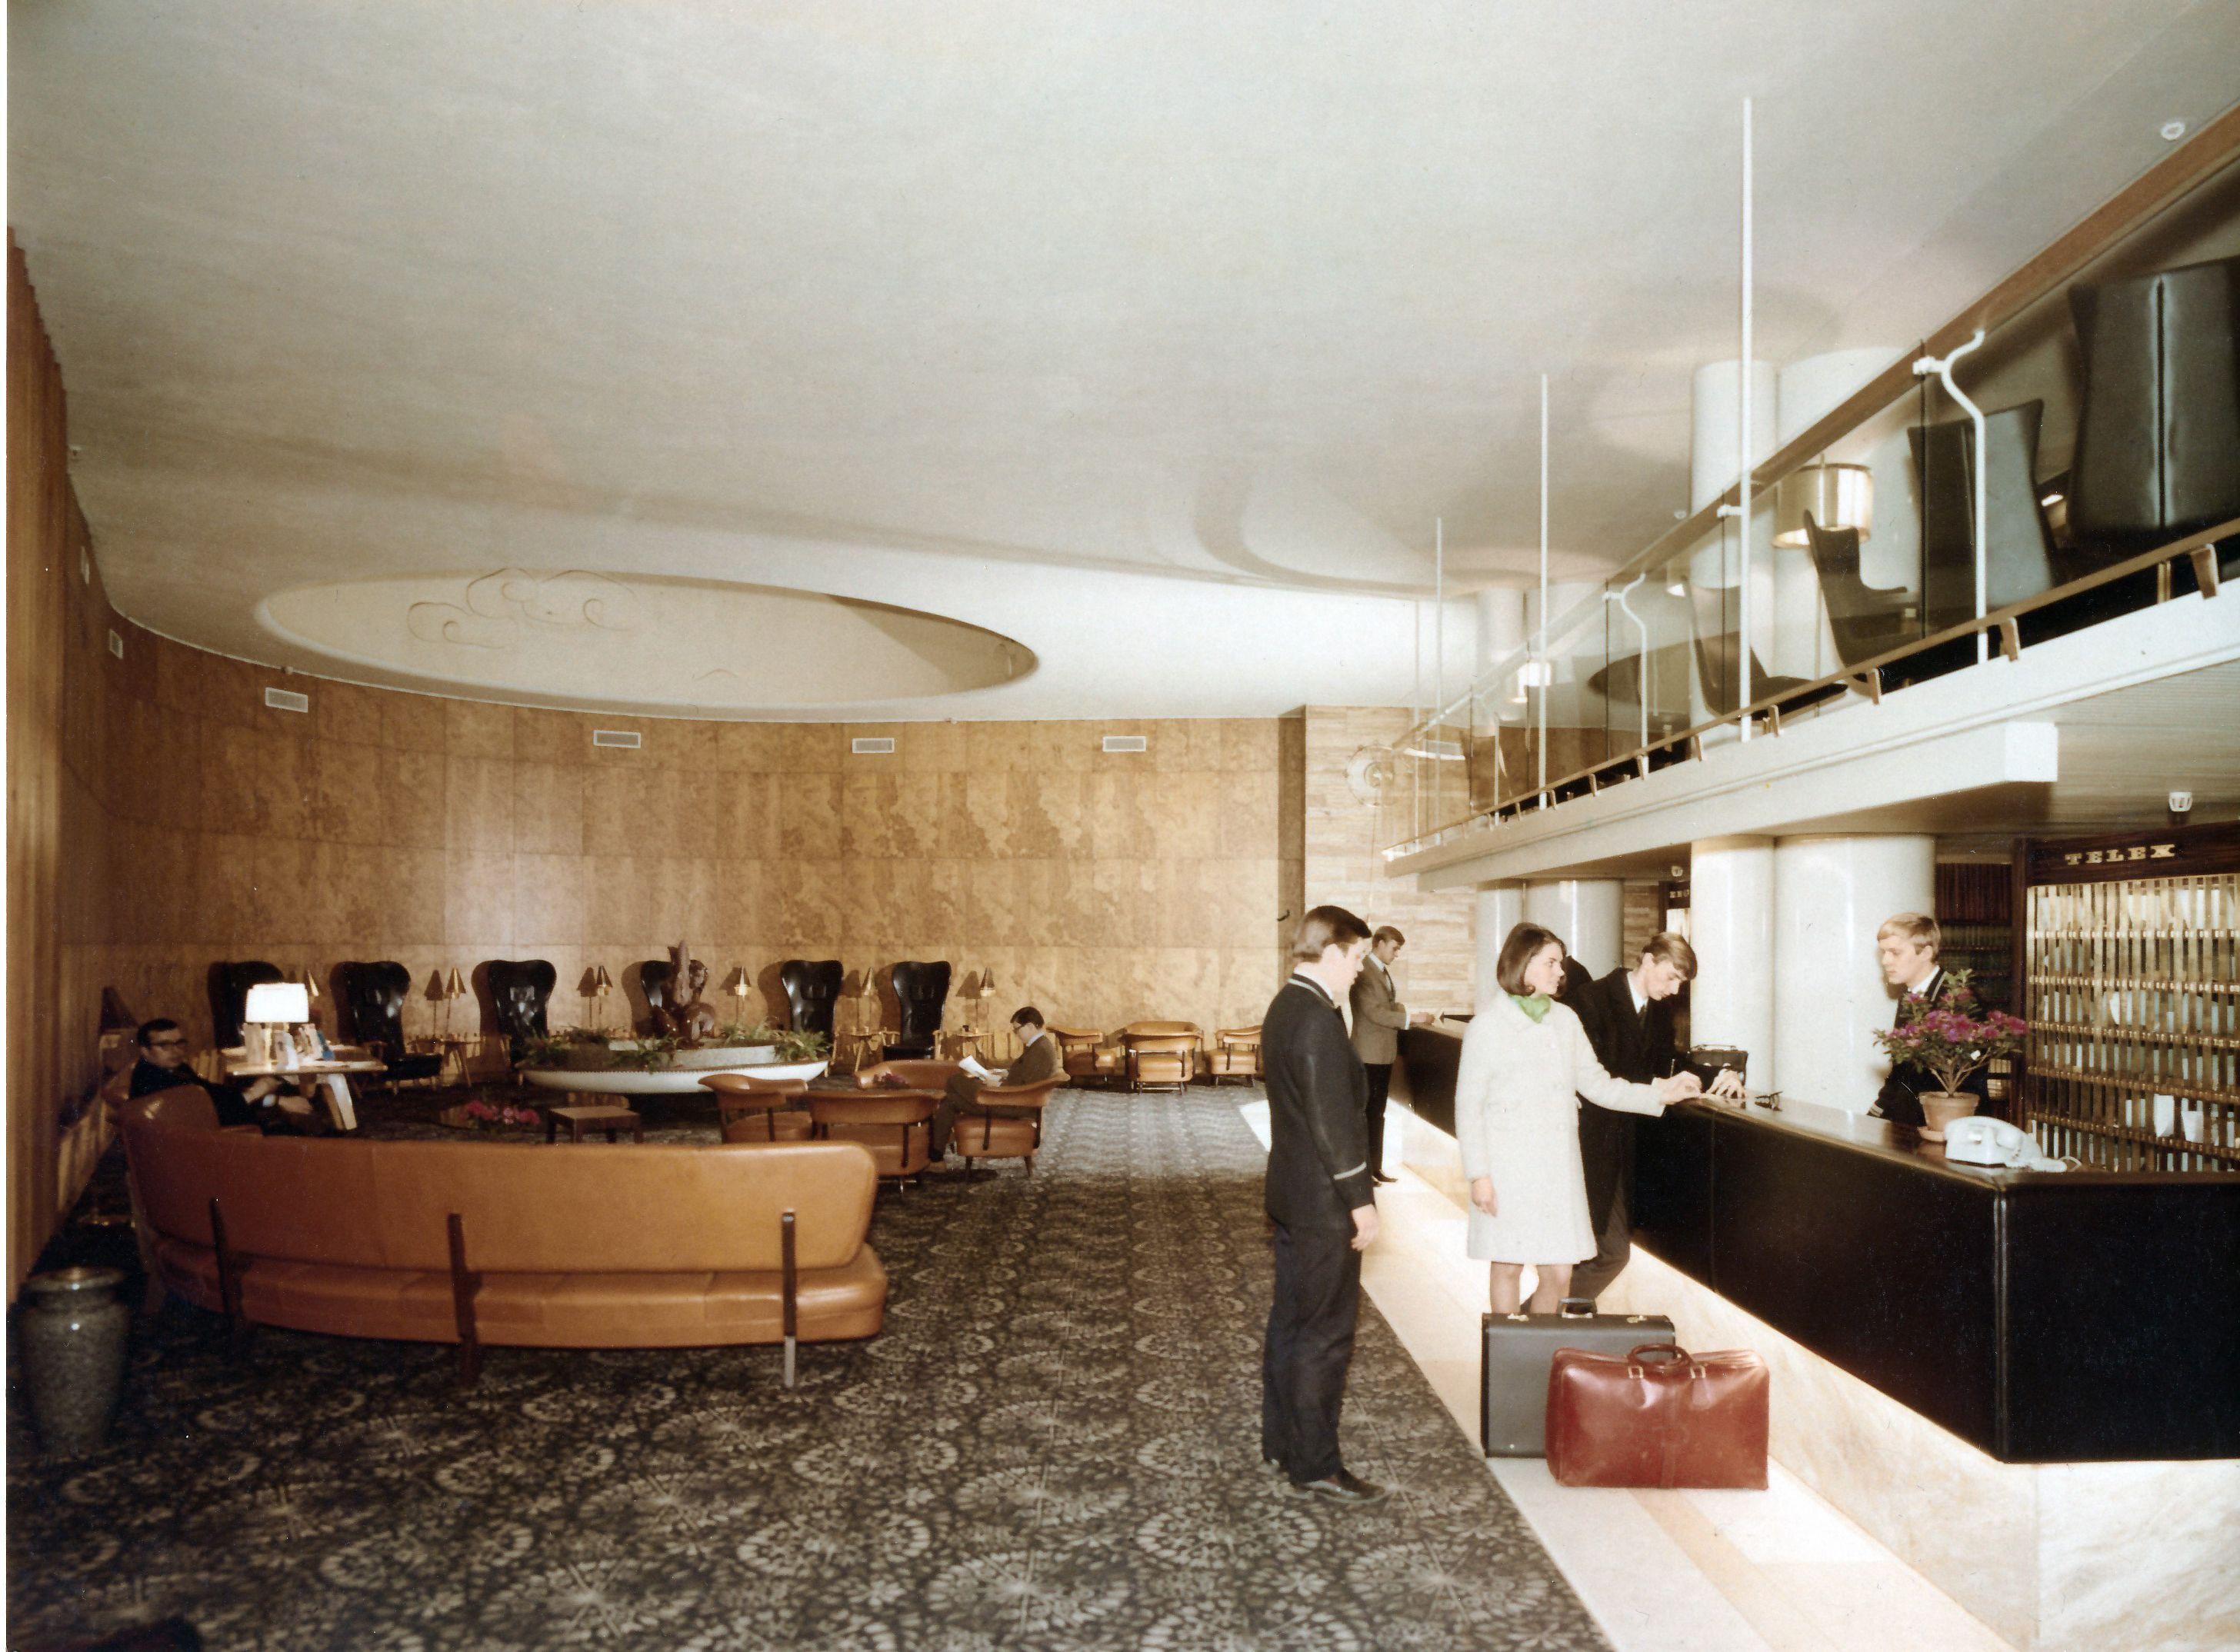 Hotelli Vaakuna Helsinki History By Sokos Hotels